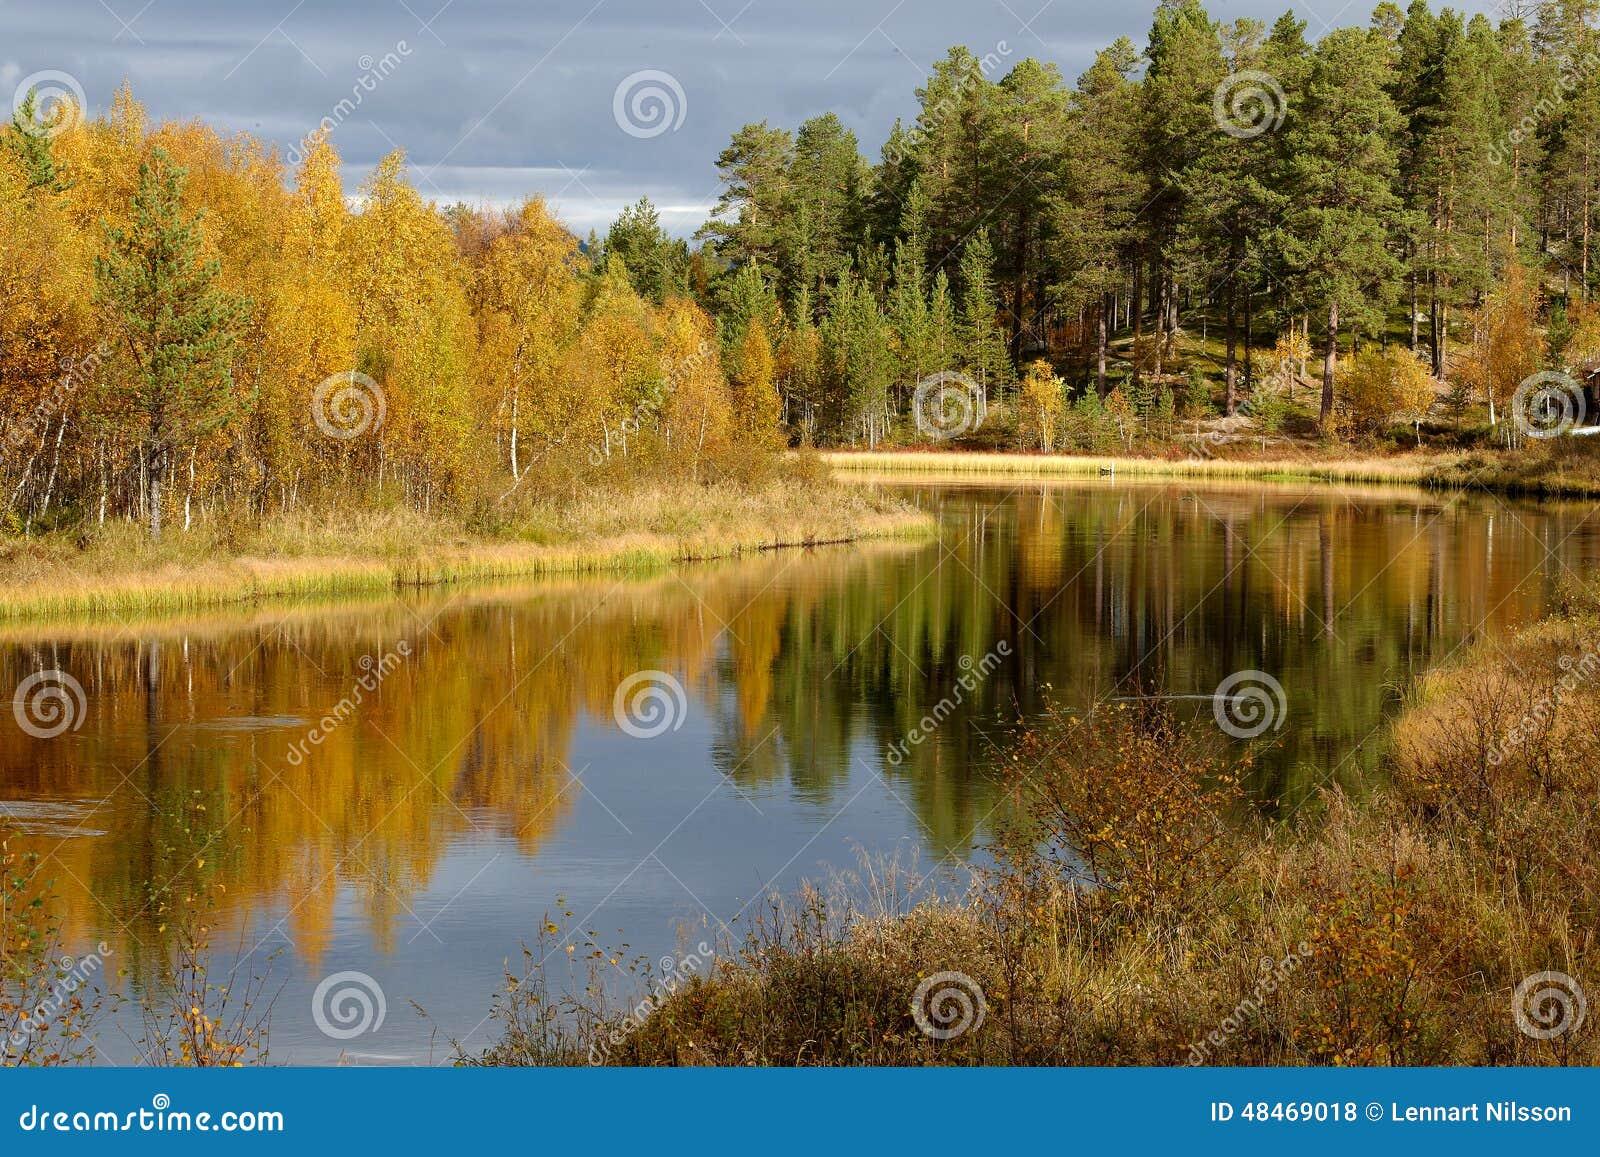 Autumn in Klutsjön